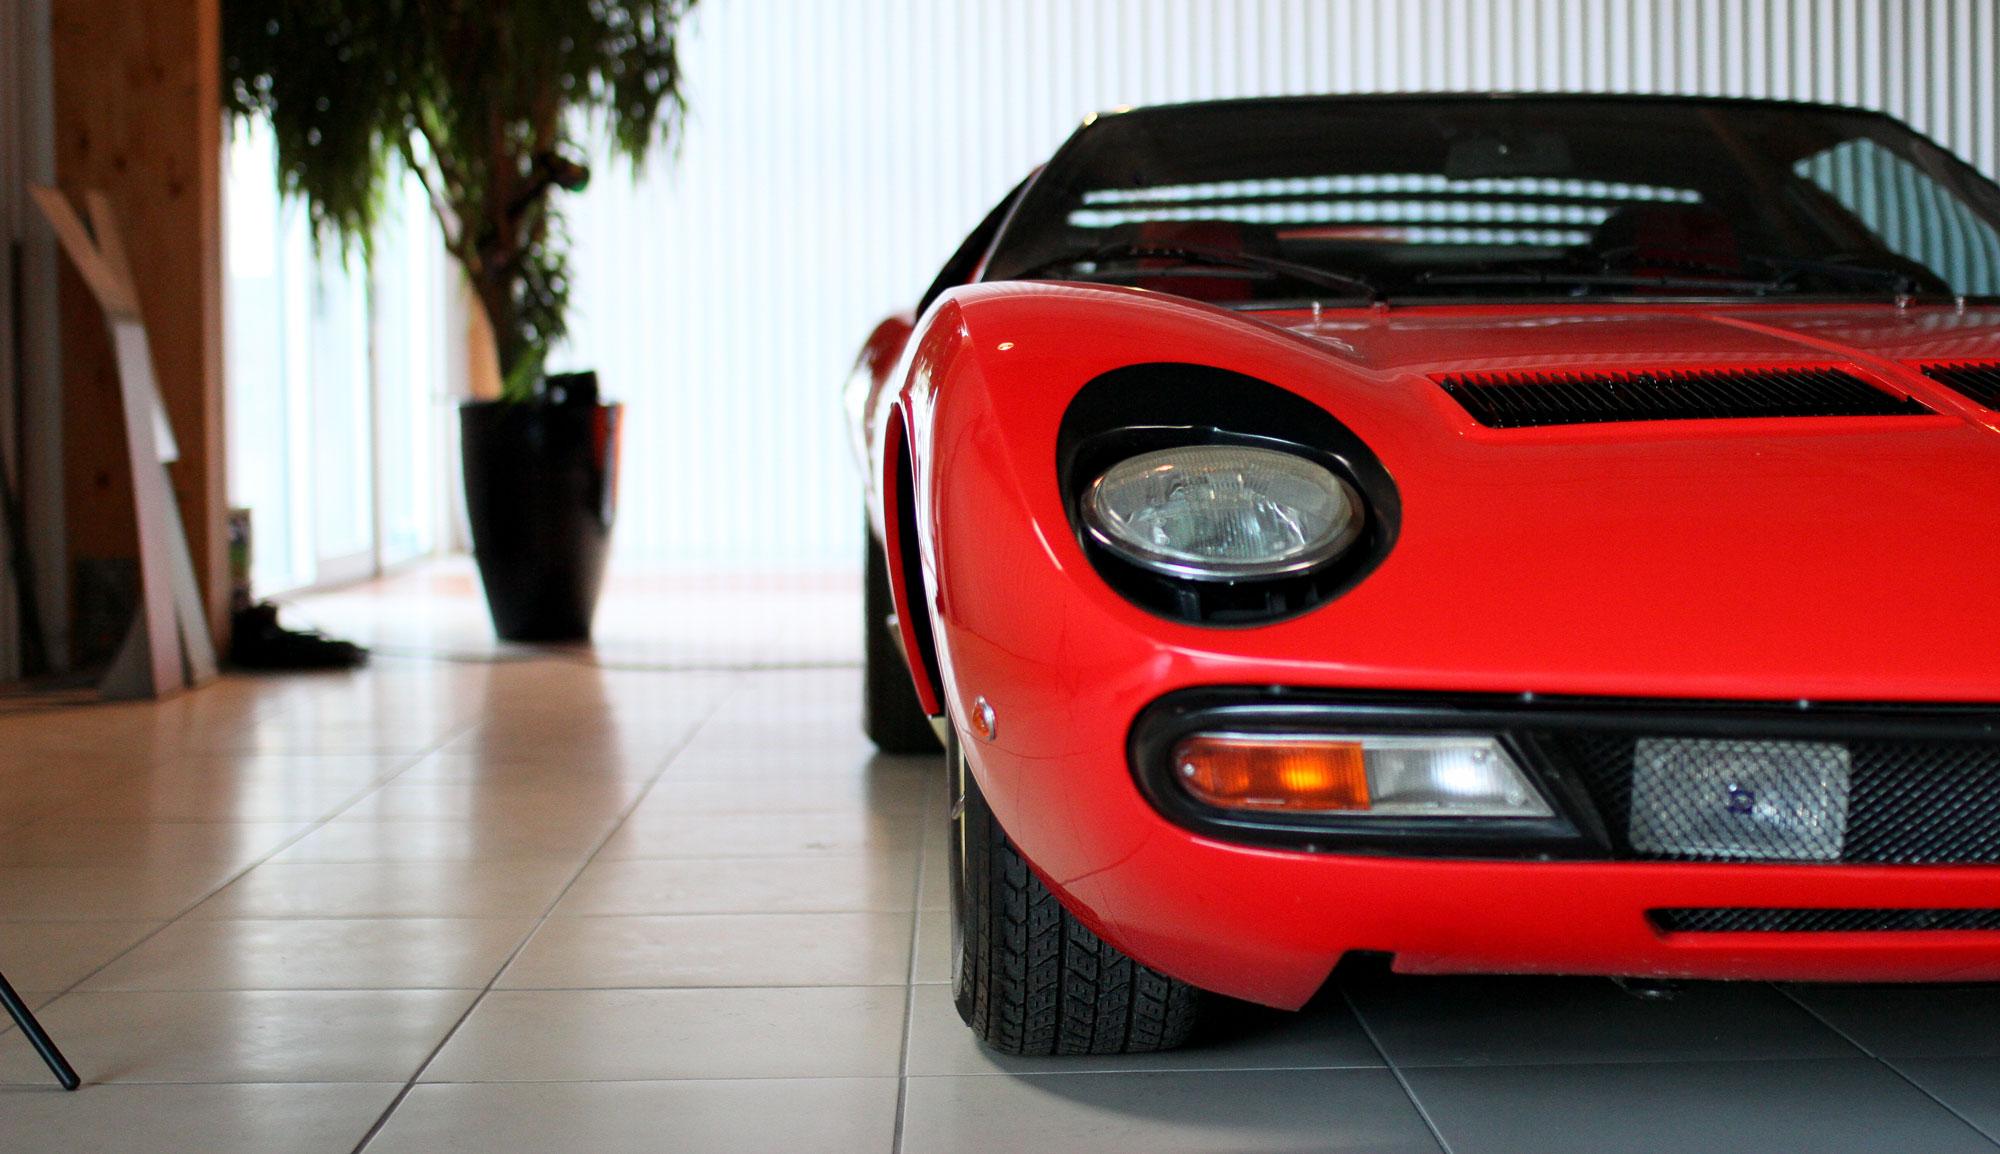 Lamborghini Miura LP400S Röd i garaget med ett svart kamera stativ stickandes fram